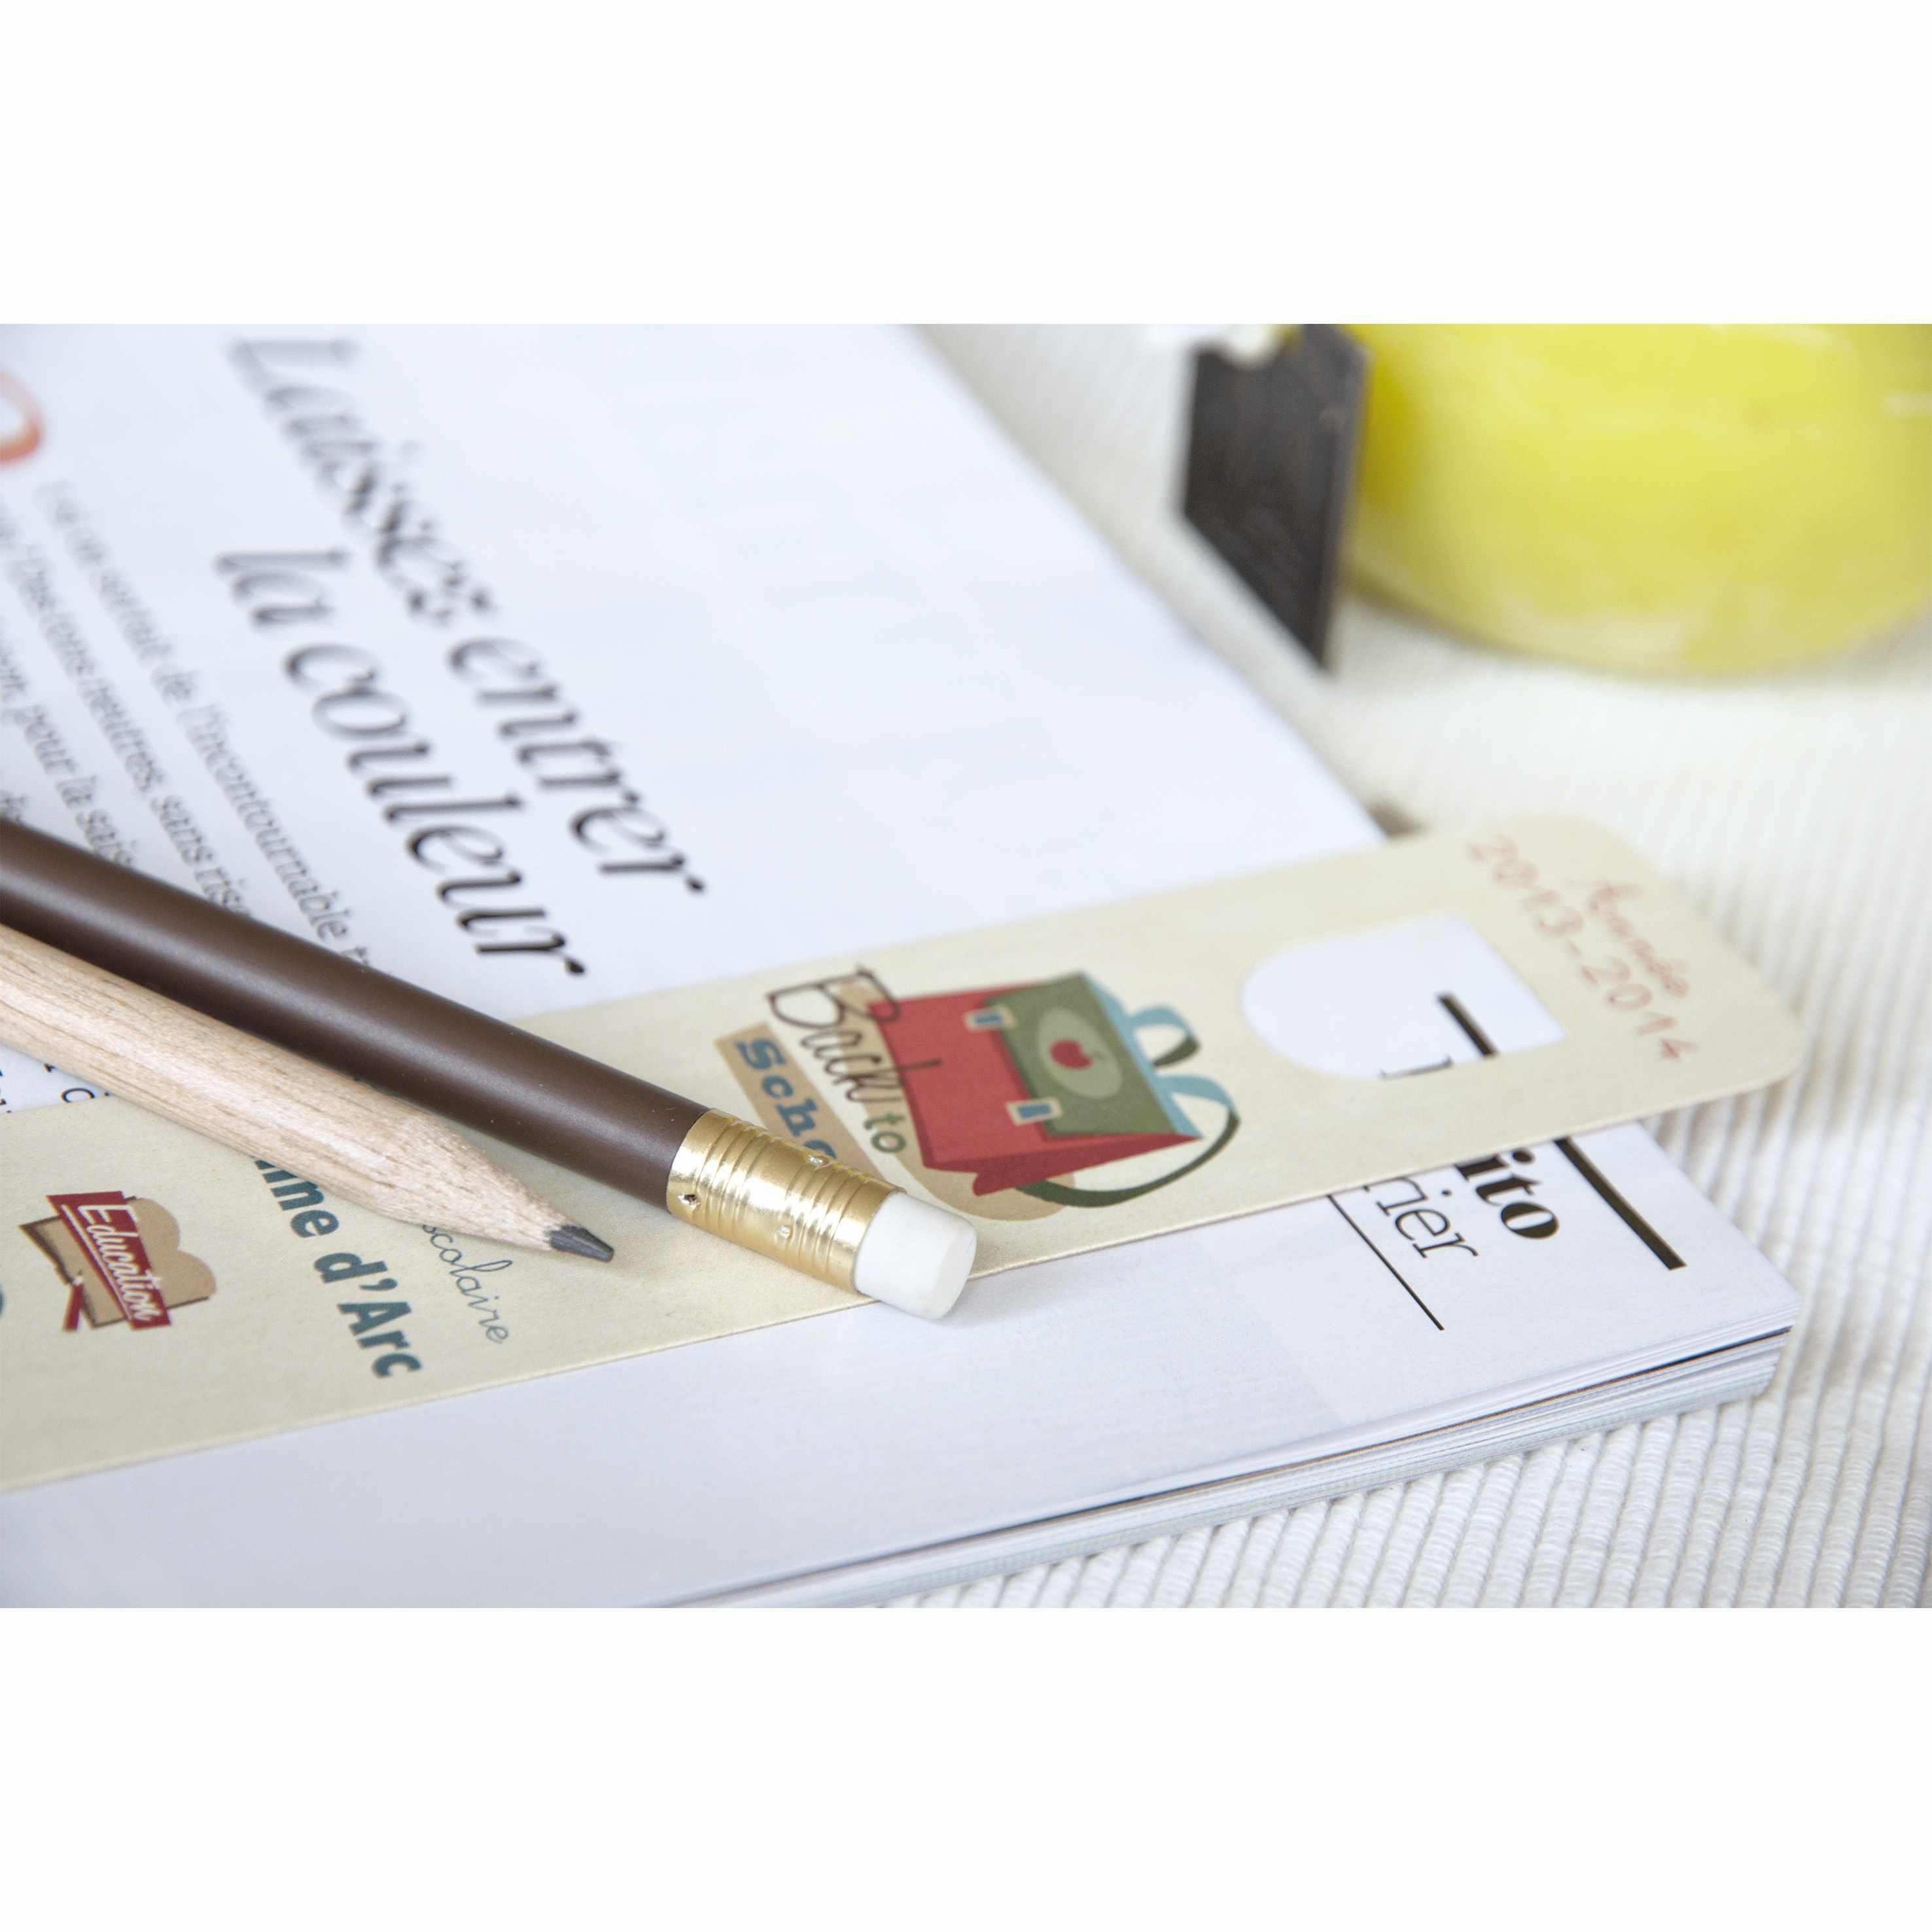 Kit crayon bois et marque-page personnalisé Panty - objet publicitaire écologique